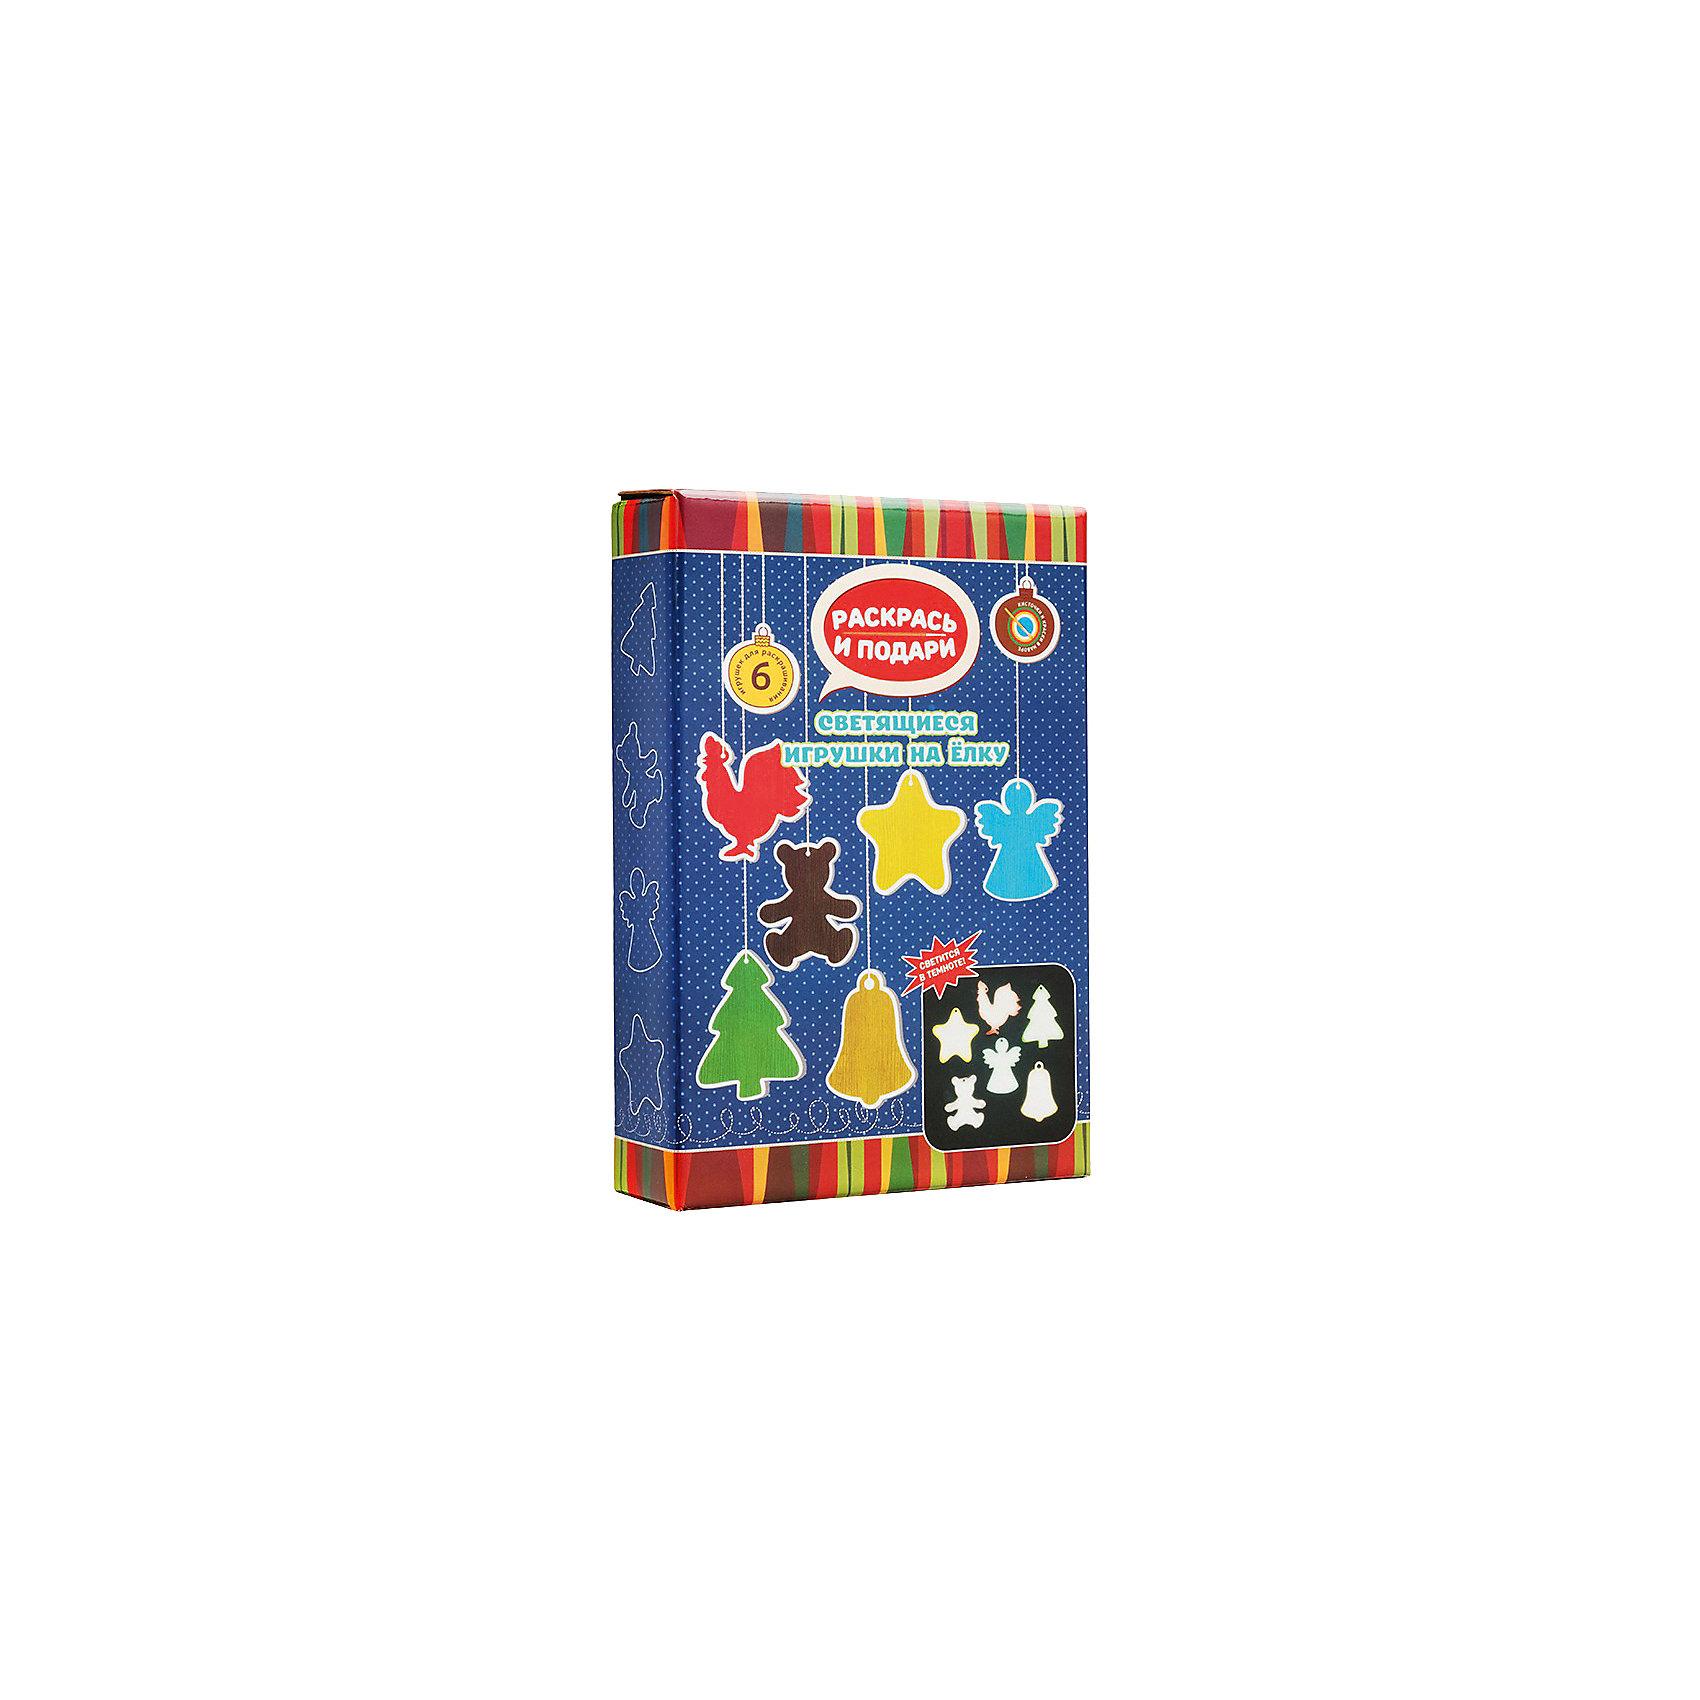 Набор для создания светящихся елочных игрушек Раскрась и подари БумбарамНабор Светящиеся игрушки на елку, Бумбарам.<br><br>Характеристики:<br><br>• новогодний сувенир своими руками<br>• краска легко наносится<br>• светятся в темноте<br>• подходит в качестве подарка<br>• материал: дерево, краска, пластик, клей<br>• в комплекте: елка, игрушки, краски (6 цветов), клей, светящееся вещество<br>• размер упаковки: 24х17х5 см<br>• вес: 250 грамм<br><br>Набор Светящиеся игрушки на елку прекрасно подойдет для детского творчества в преддверии Нового года. В процессе игры ребенку предстоит раскрасить все детали, покрыть их клеем, затем нанести специальное светящееся вещество и снова закрепить клеем. Игрушки будут светиться в темноте и ими будет приятно украсить новогоднюю елку. Подарите ребенку возможность сделать красивые игрушки своими руками!<br><br>Вы можете купить набор Светящиеся игрушки на елку, Бумбарам в нашем интернет-магазине.<br><br>Ширина мм: 245<br>Глубина мм: 165<br>Высота мм: 50<br>Вес г: 250<br>Возраст от месяцев: 72<br>Возраст до месяцев: 144<br>Пол: Унисекс<br>Возраст: Детский<br>SKU: 5054030